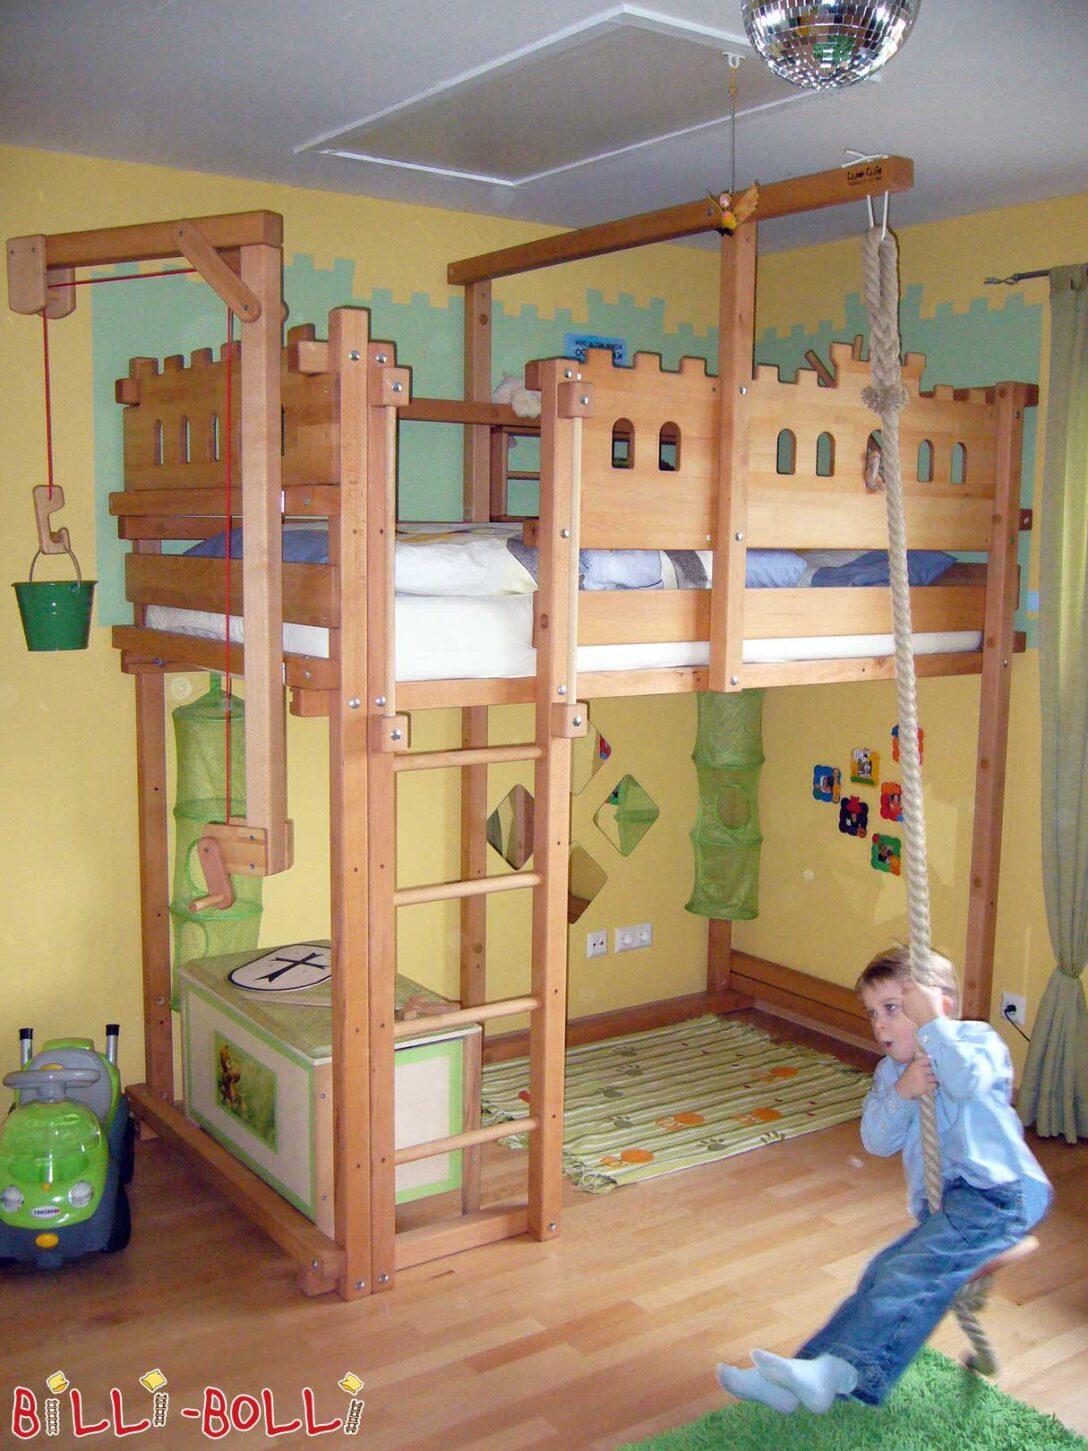 Large Size of Hochbett Kinderzimmer Mitwachsend Fr Online Kaufen Billi Bolli Regal Weiß Sofa Regale Kinderzimmer Hochbett Kinderzimmer